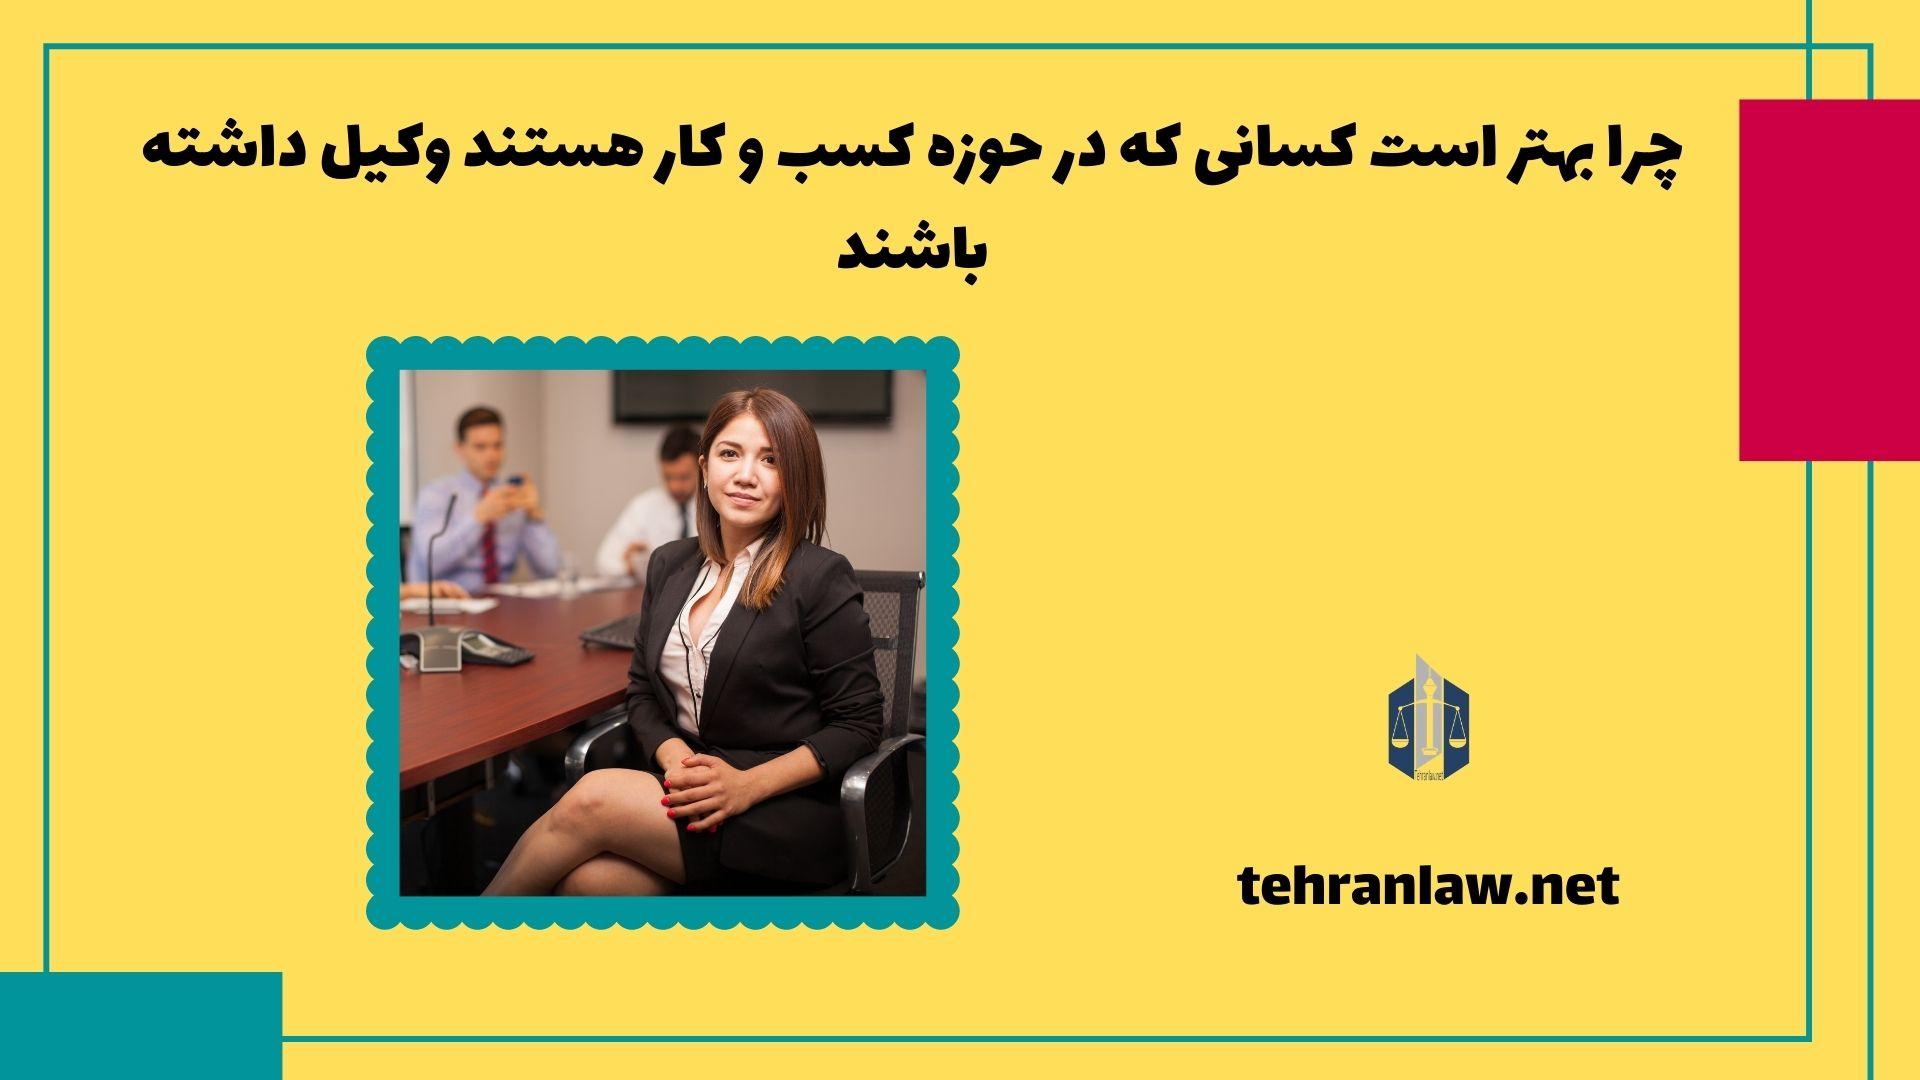 چرا بهتر است کسانی که در حوزه کسب و کار هستند وکیل داشته باشند؟